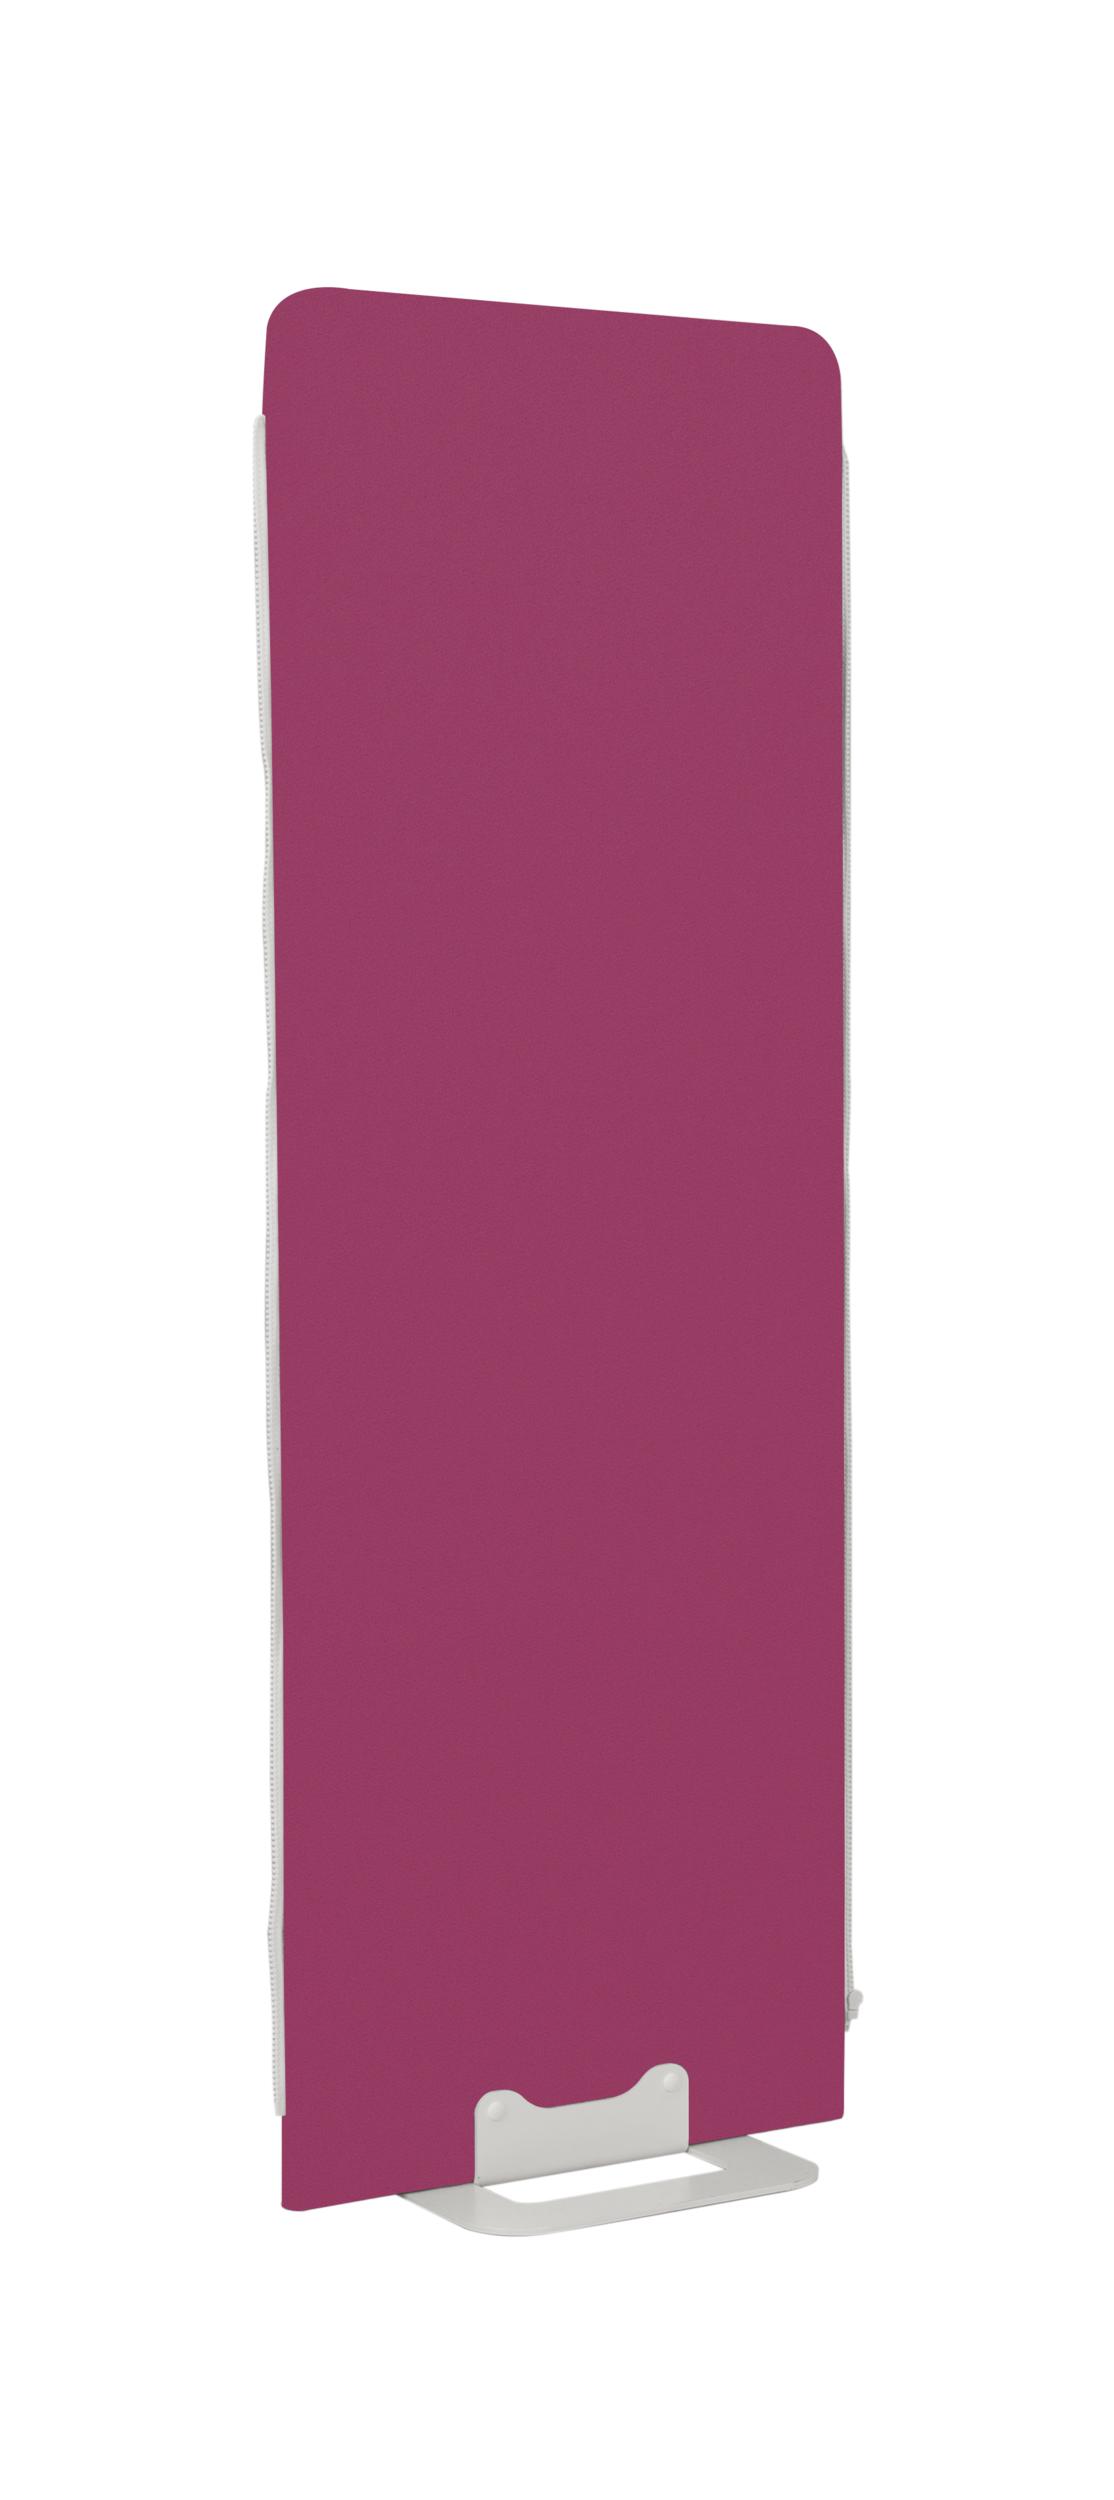 CLOISON HAUTE LARGEUR 60CM FRAMBOISE